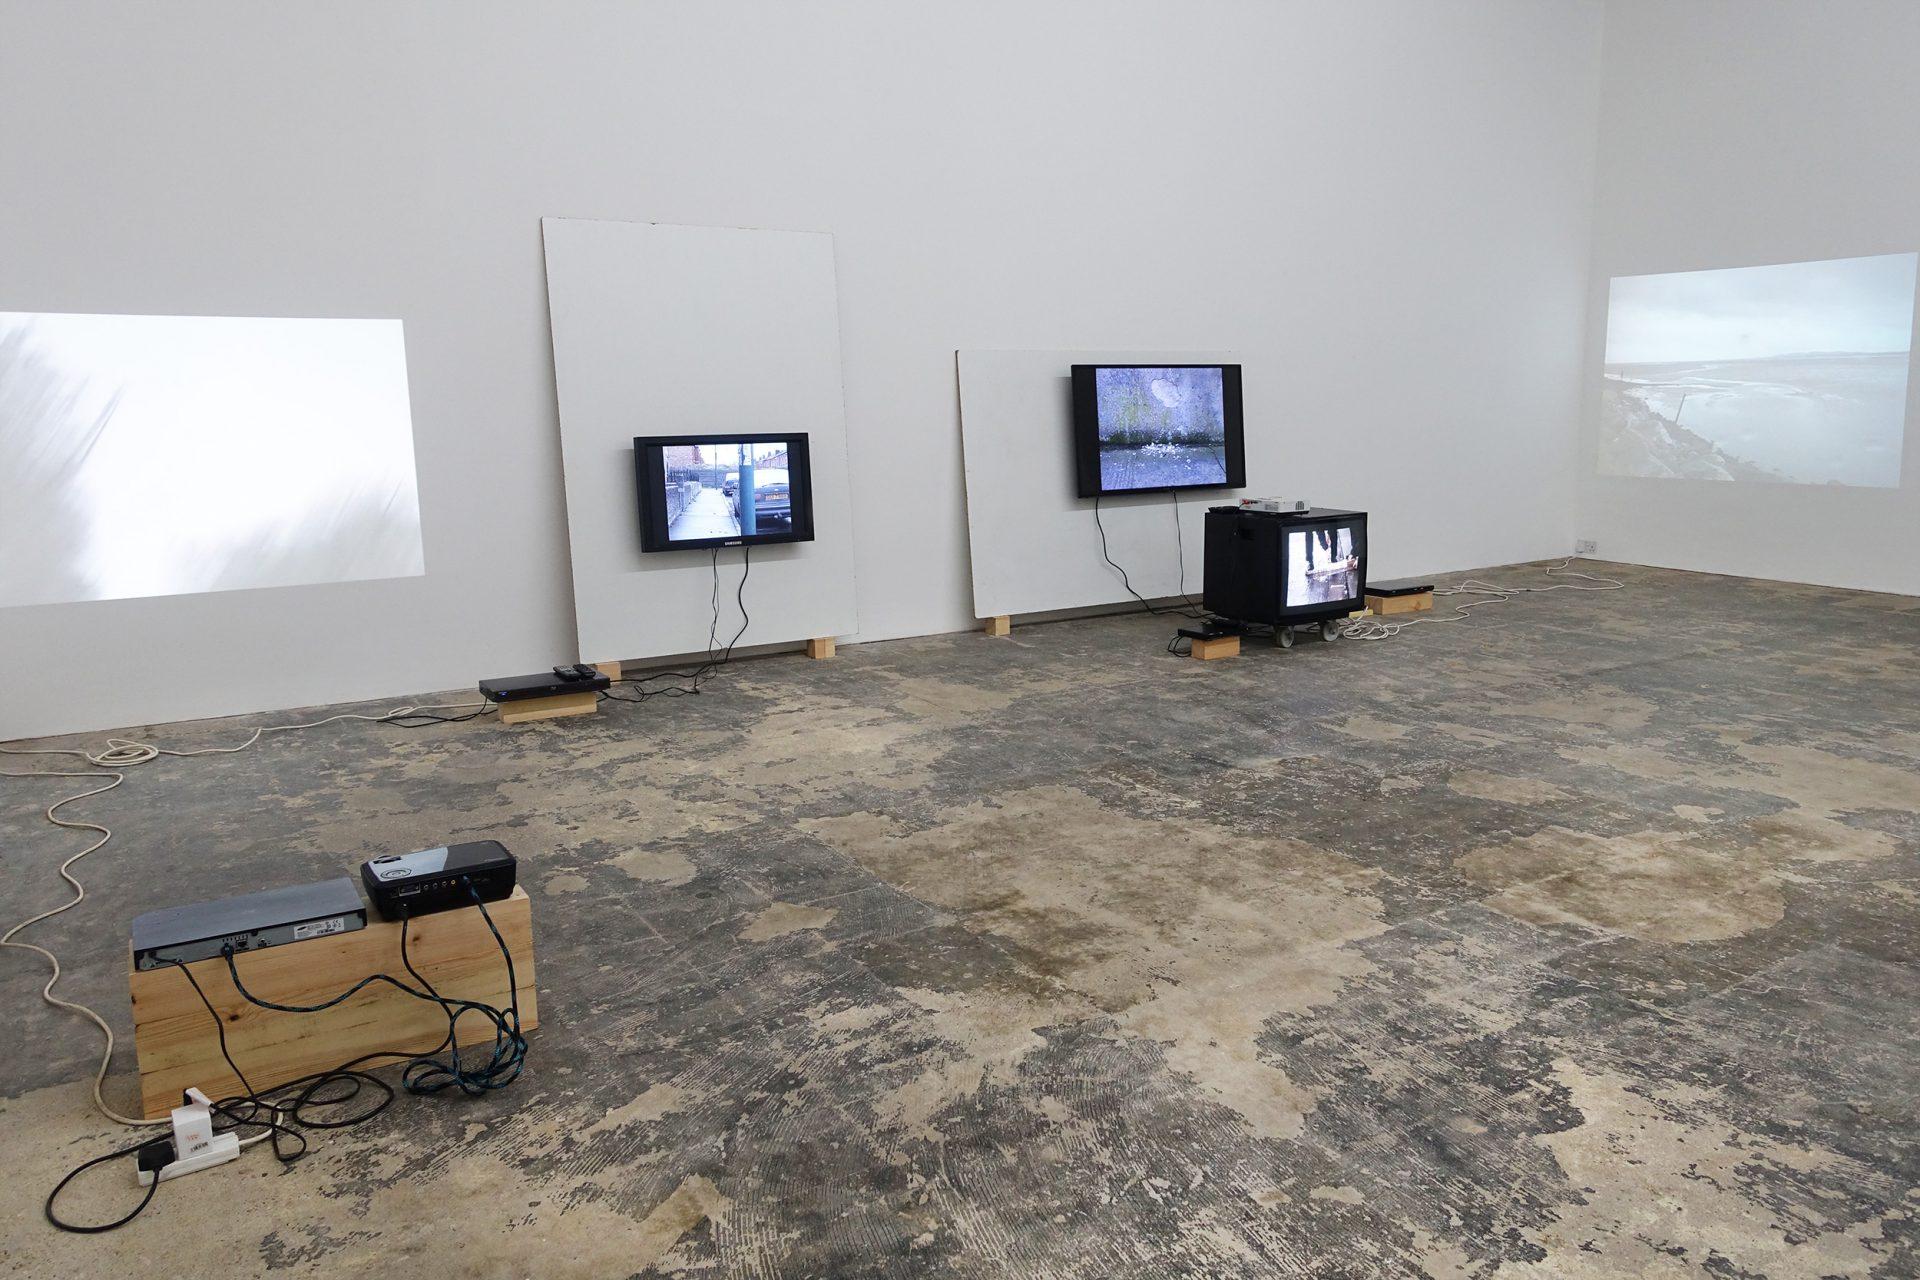 Studio, 2015